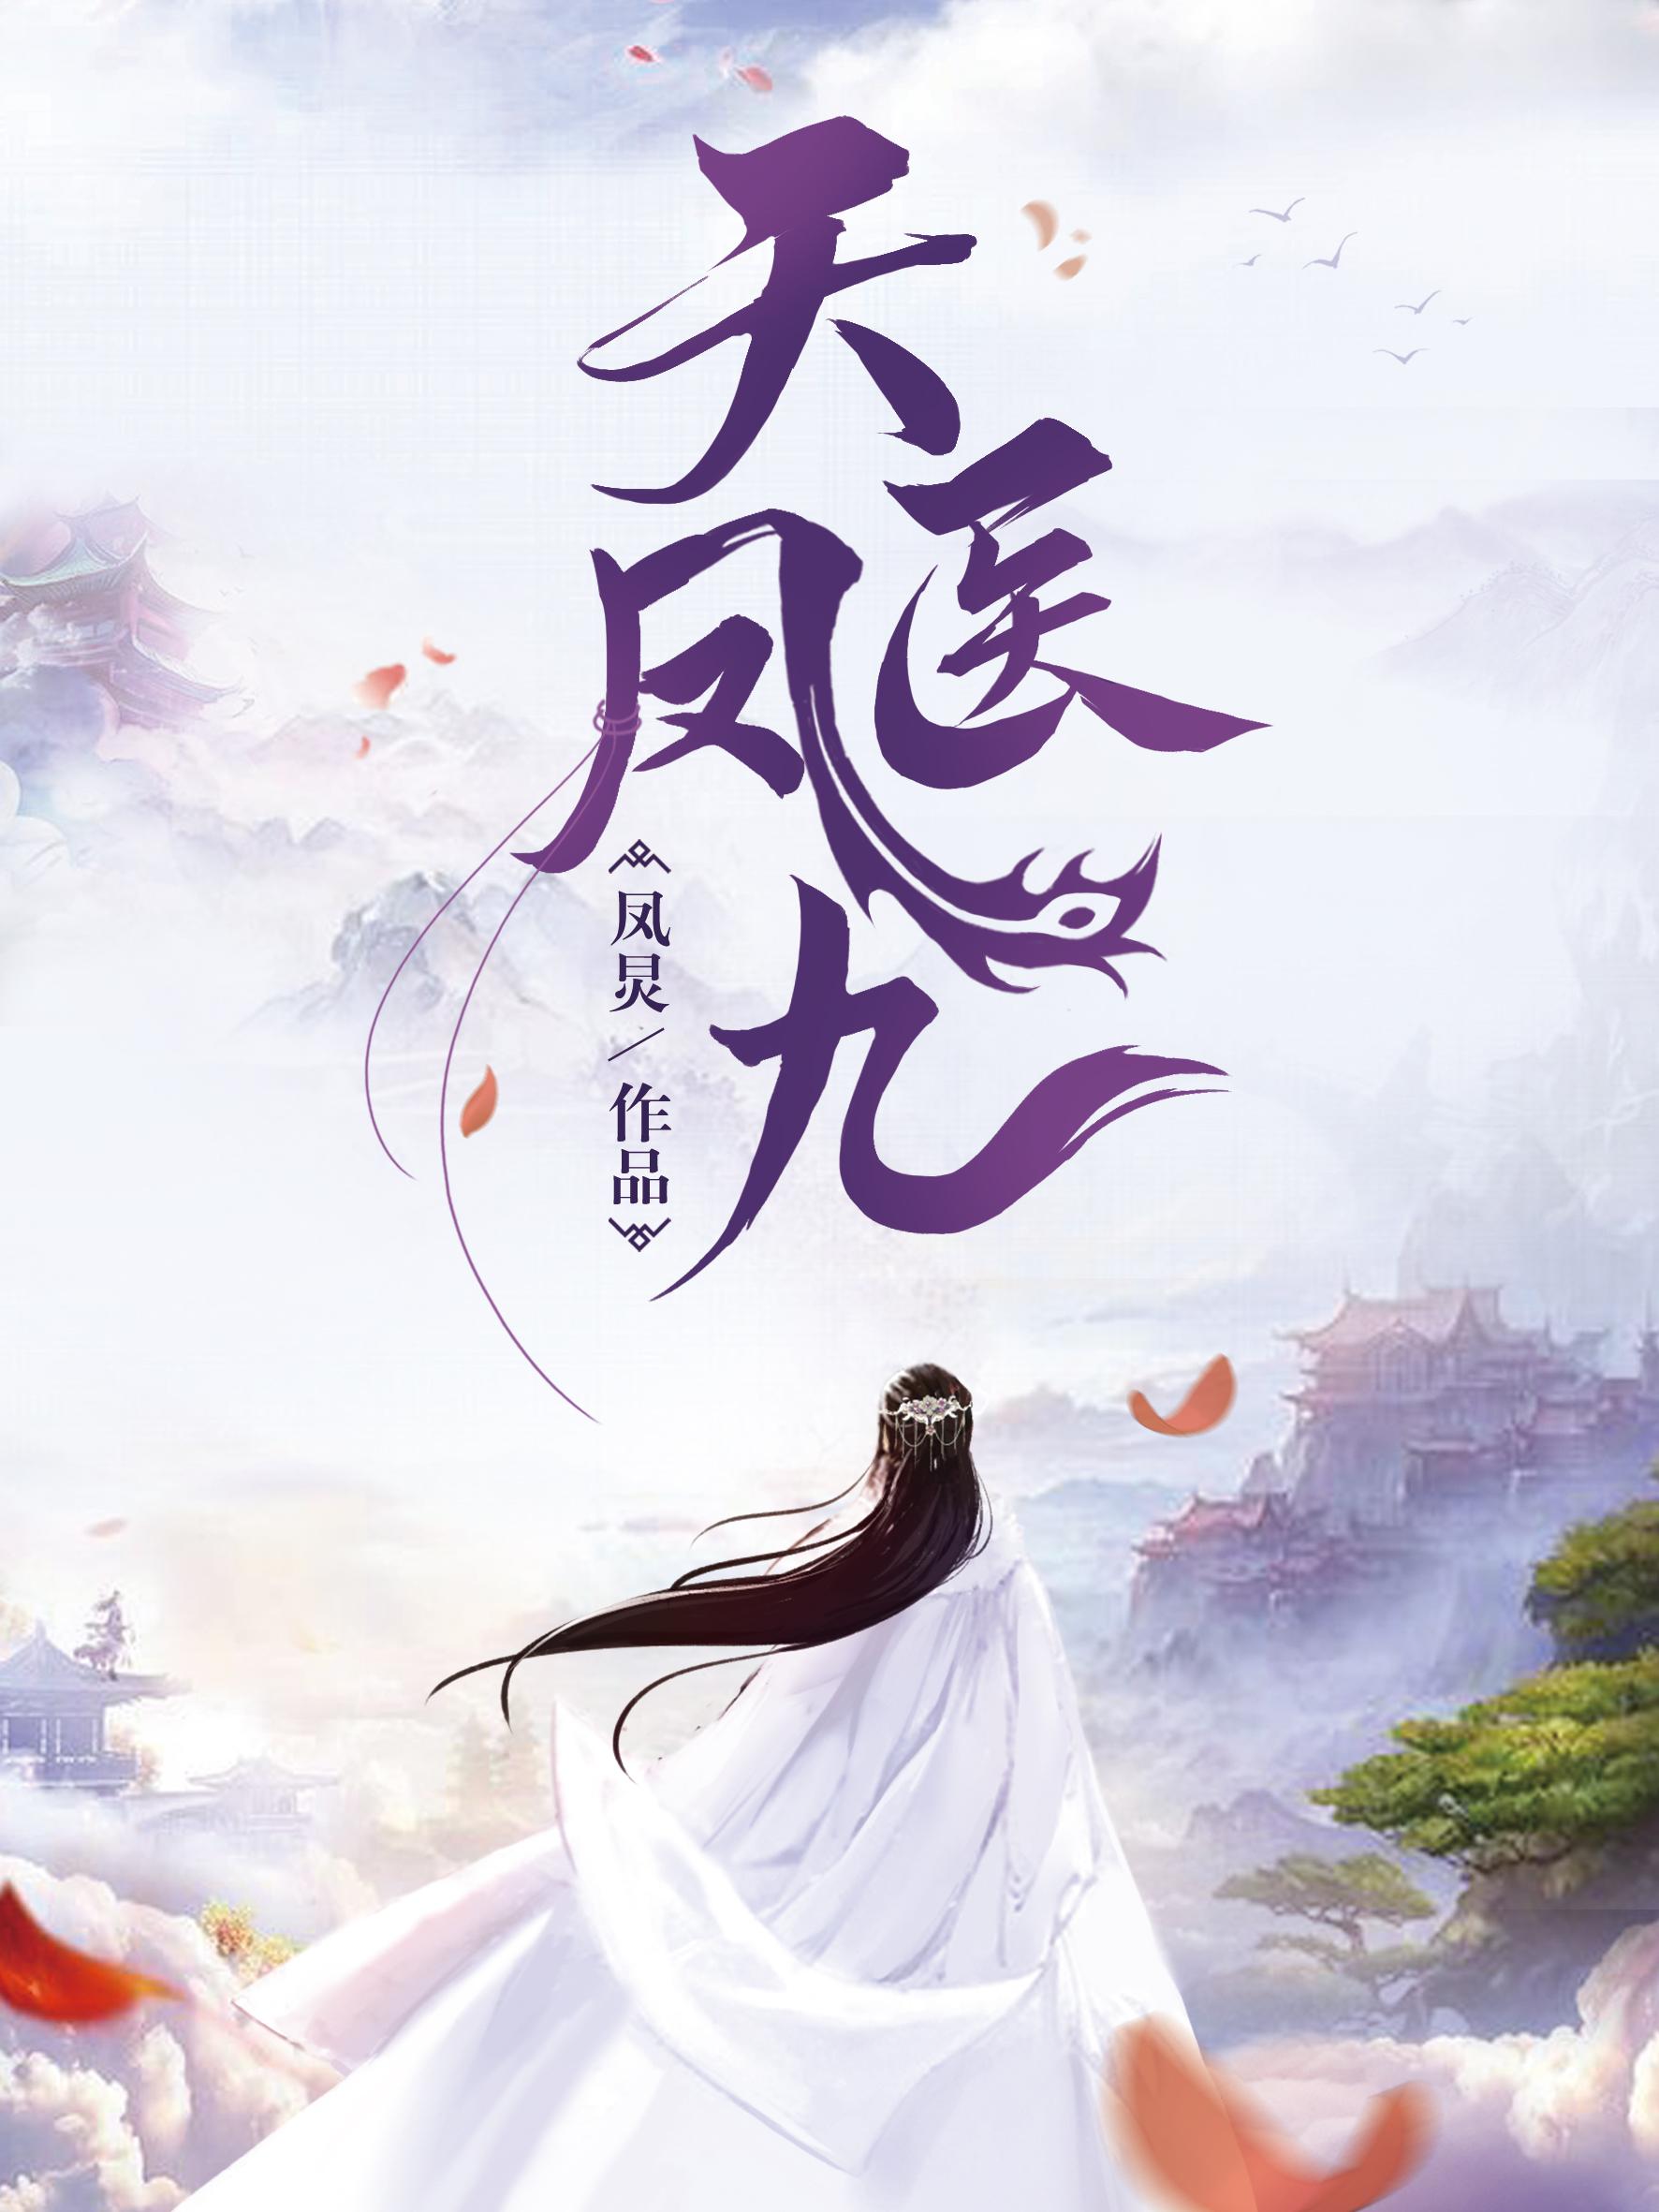 天医凤九(凤炅)